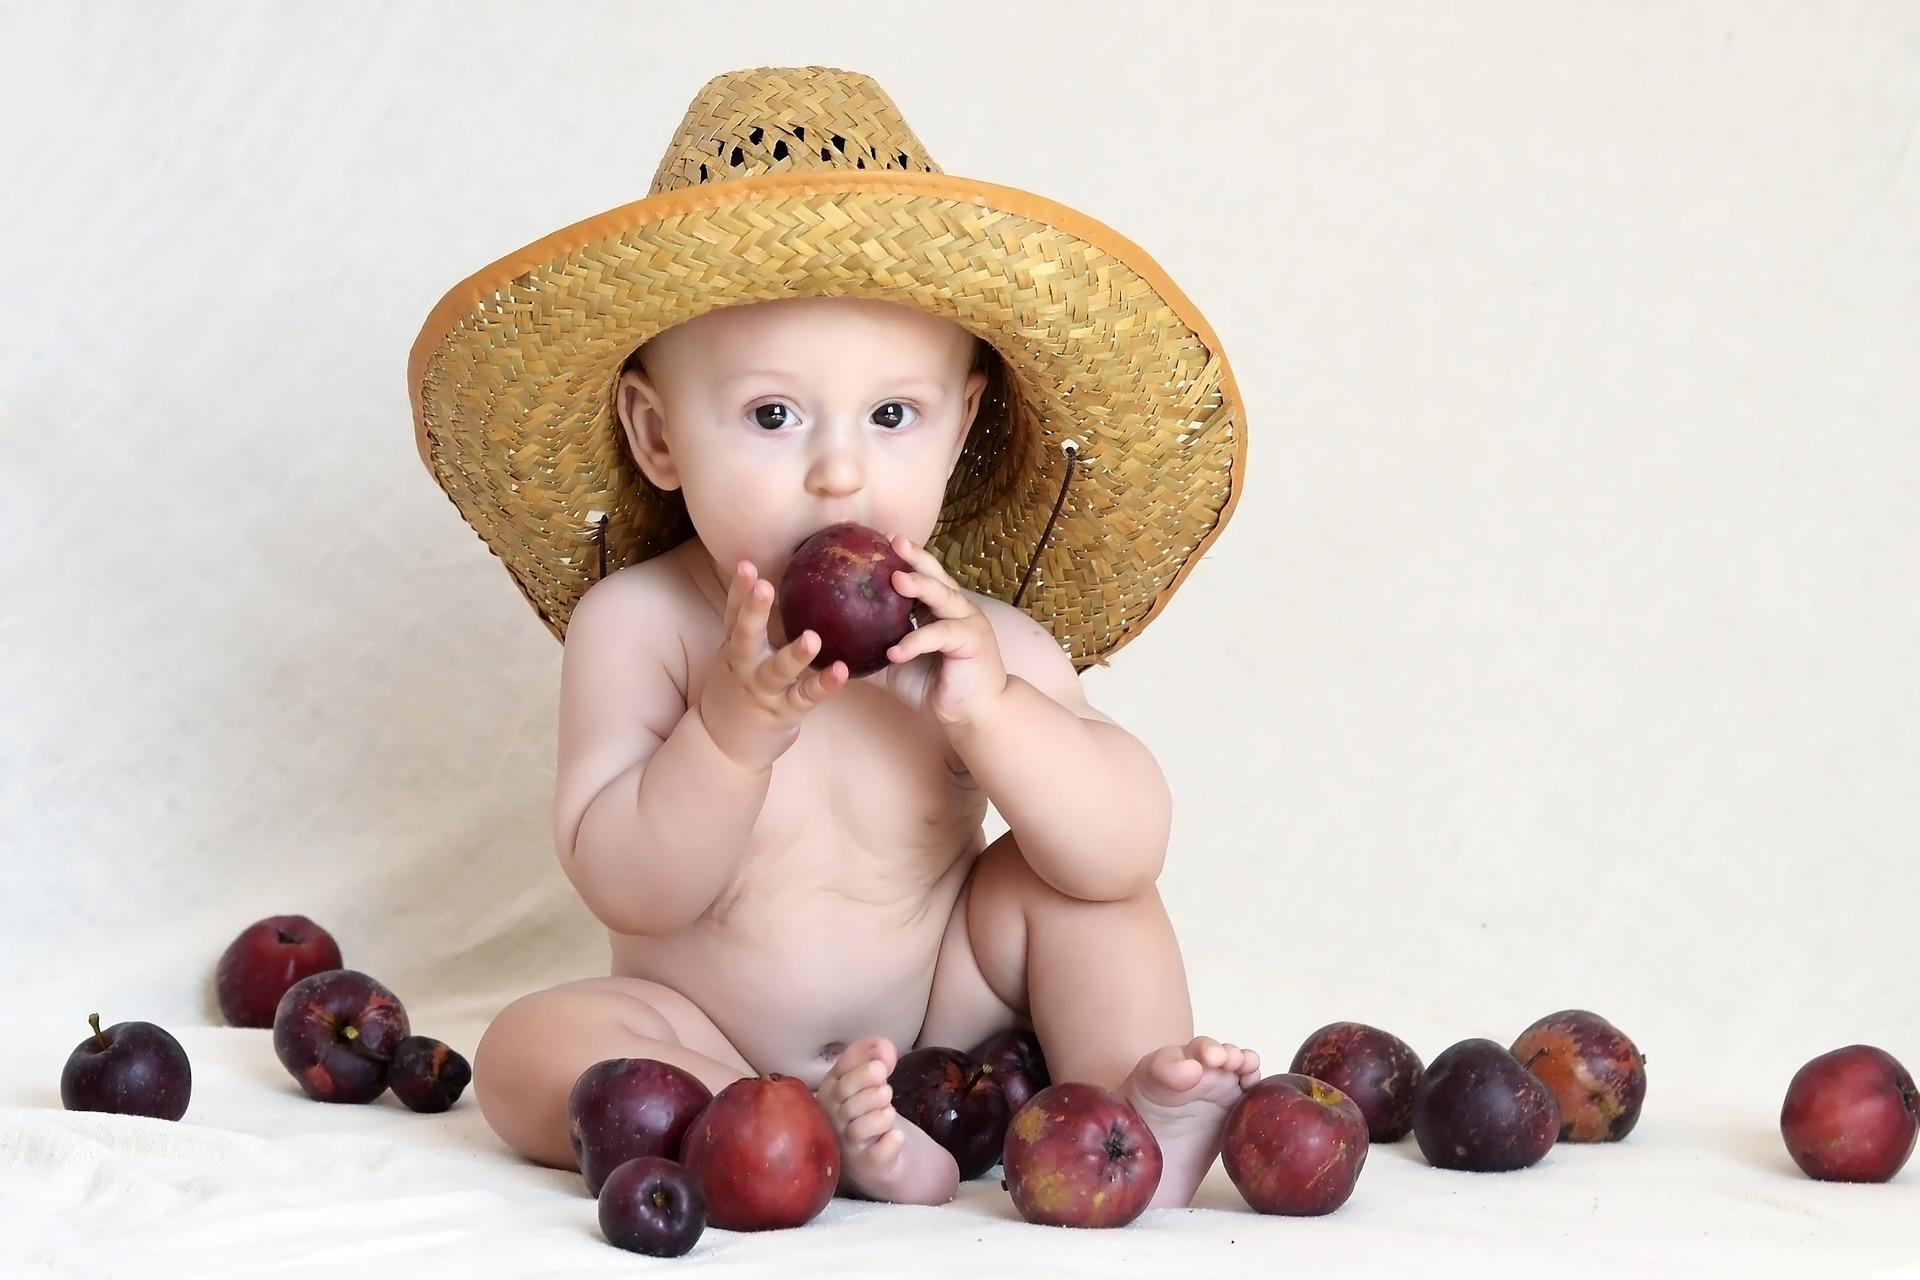 Bebês: alimentação complementar é tão importante quanto amamentação